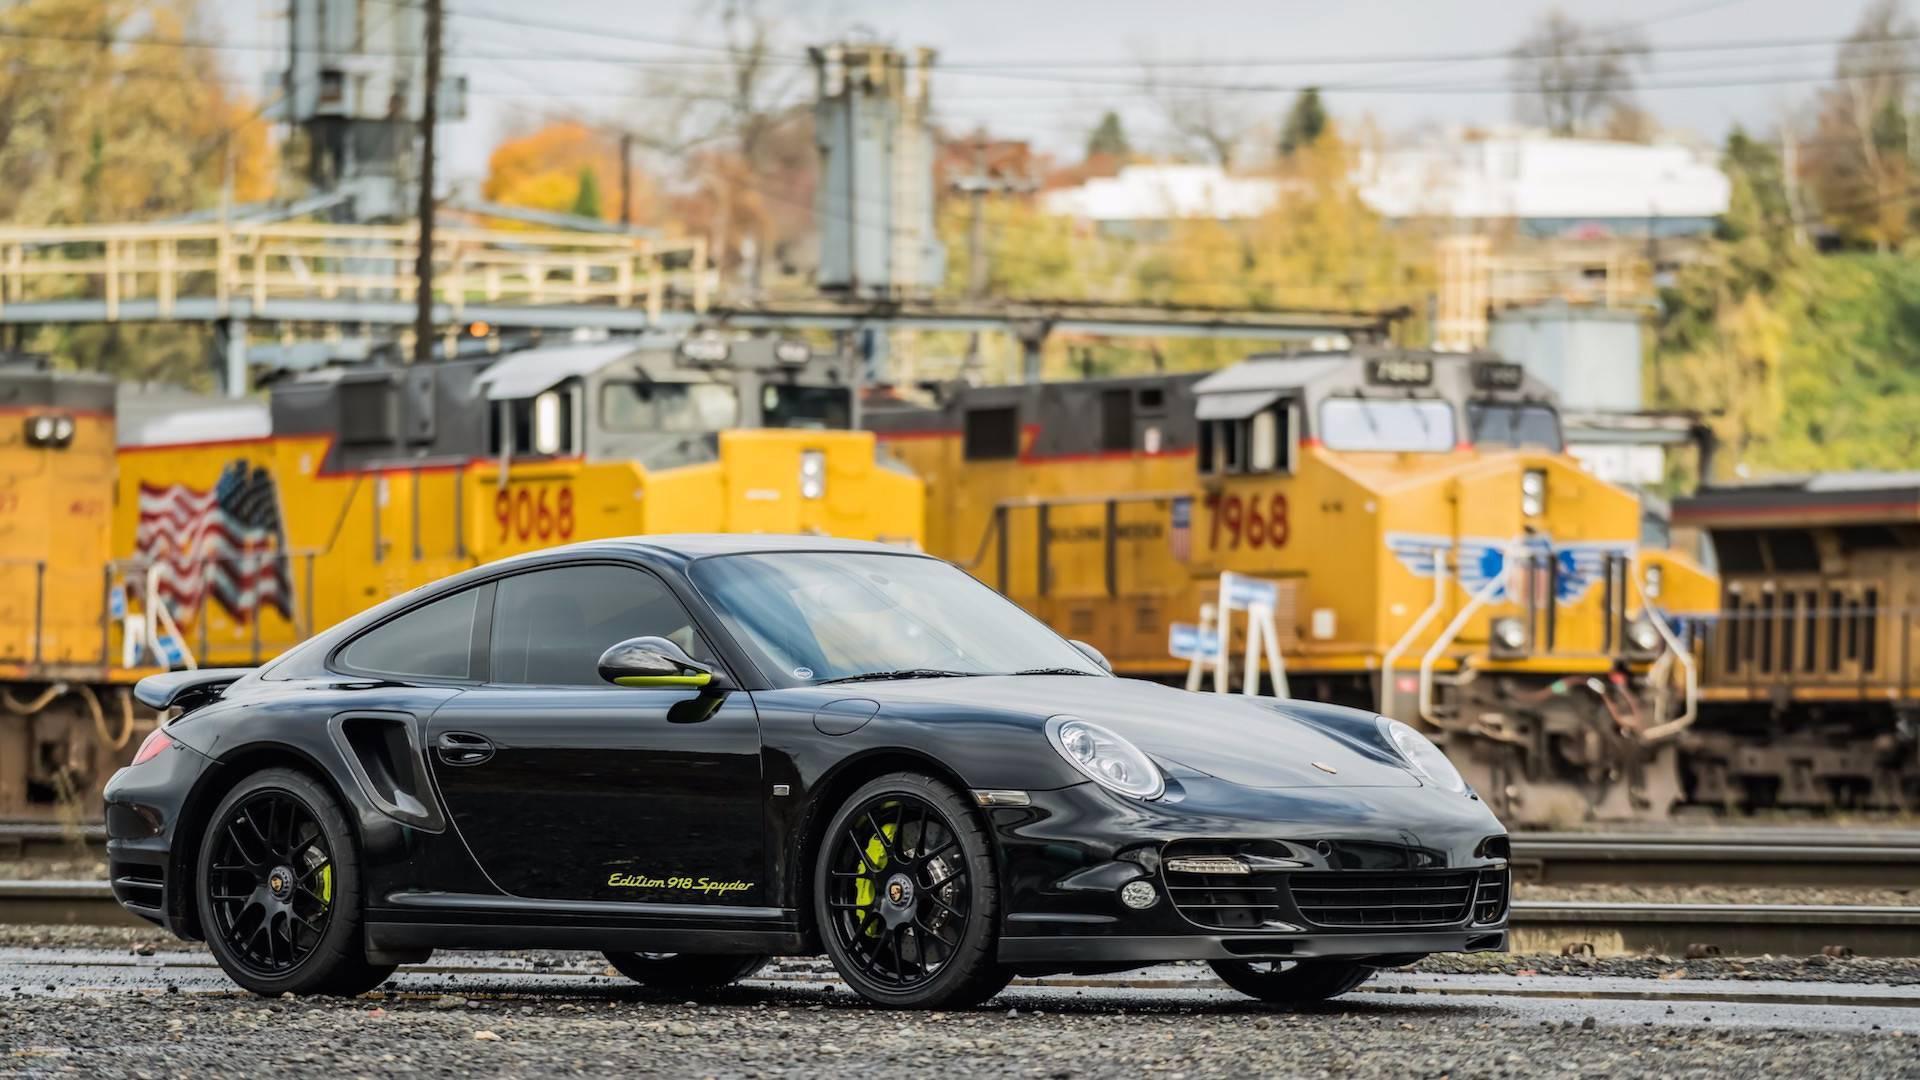 Porsche_911_Edition_918_Spyder_0001